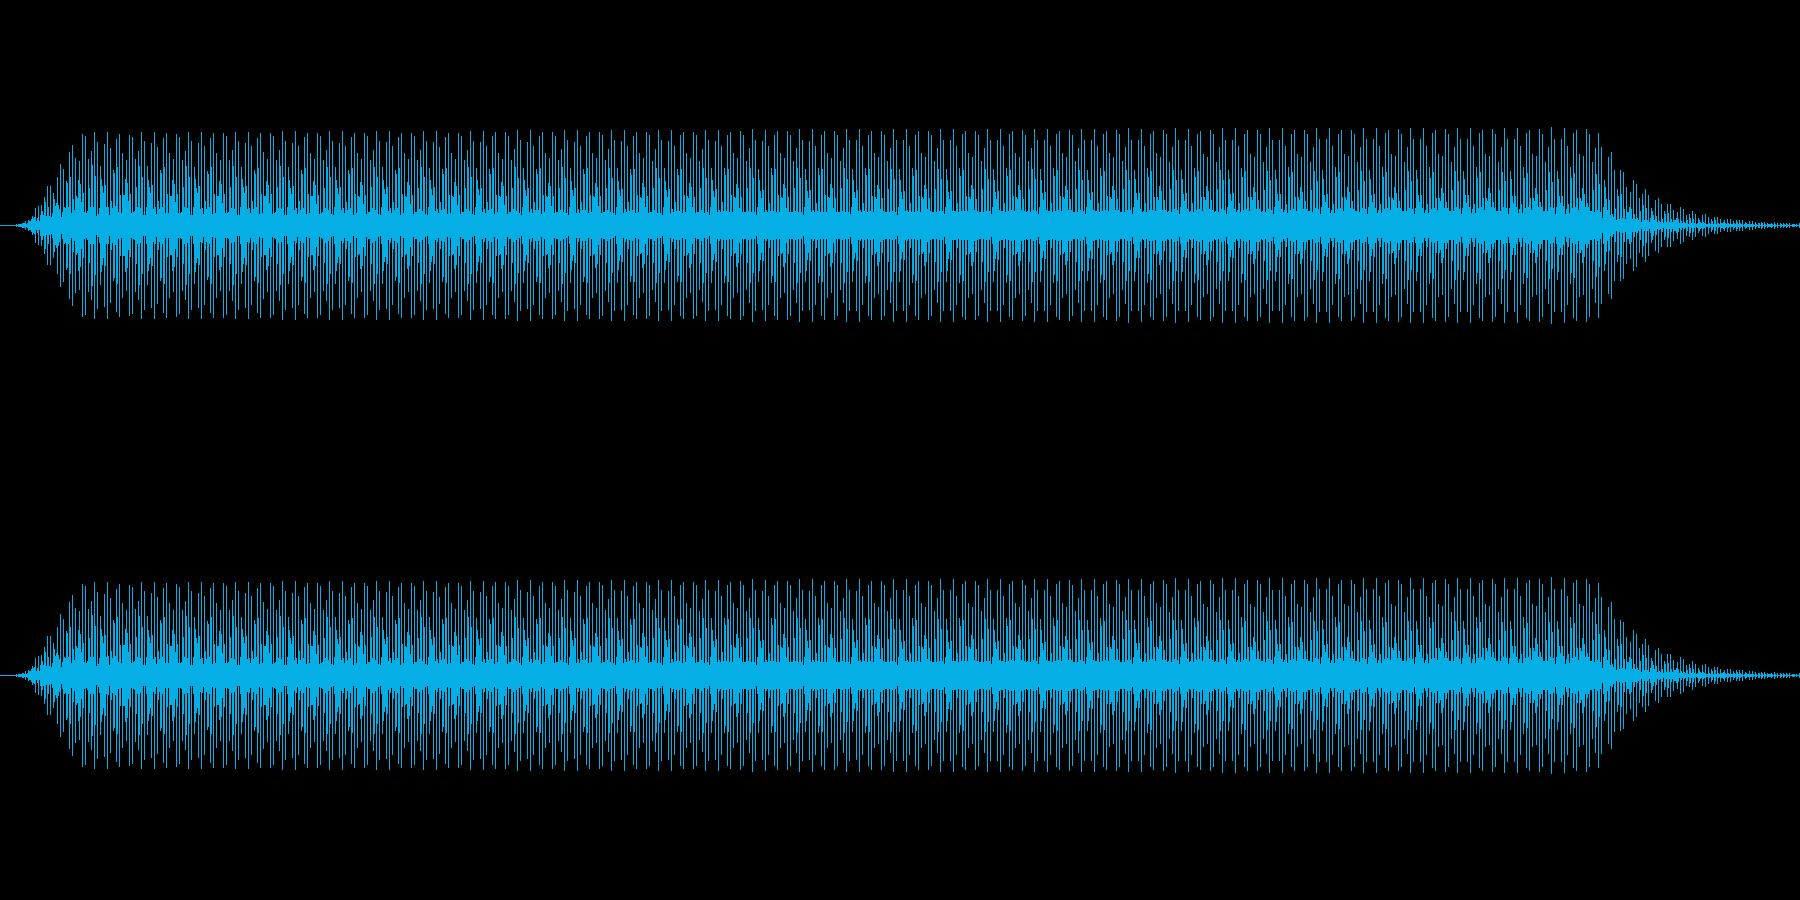 ピッ(電子音、カーソル、選択音)の再生済みの波形